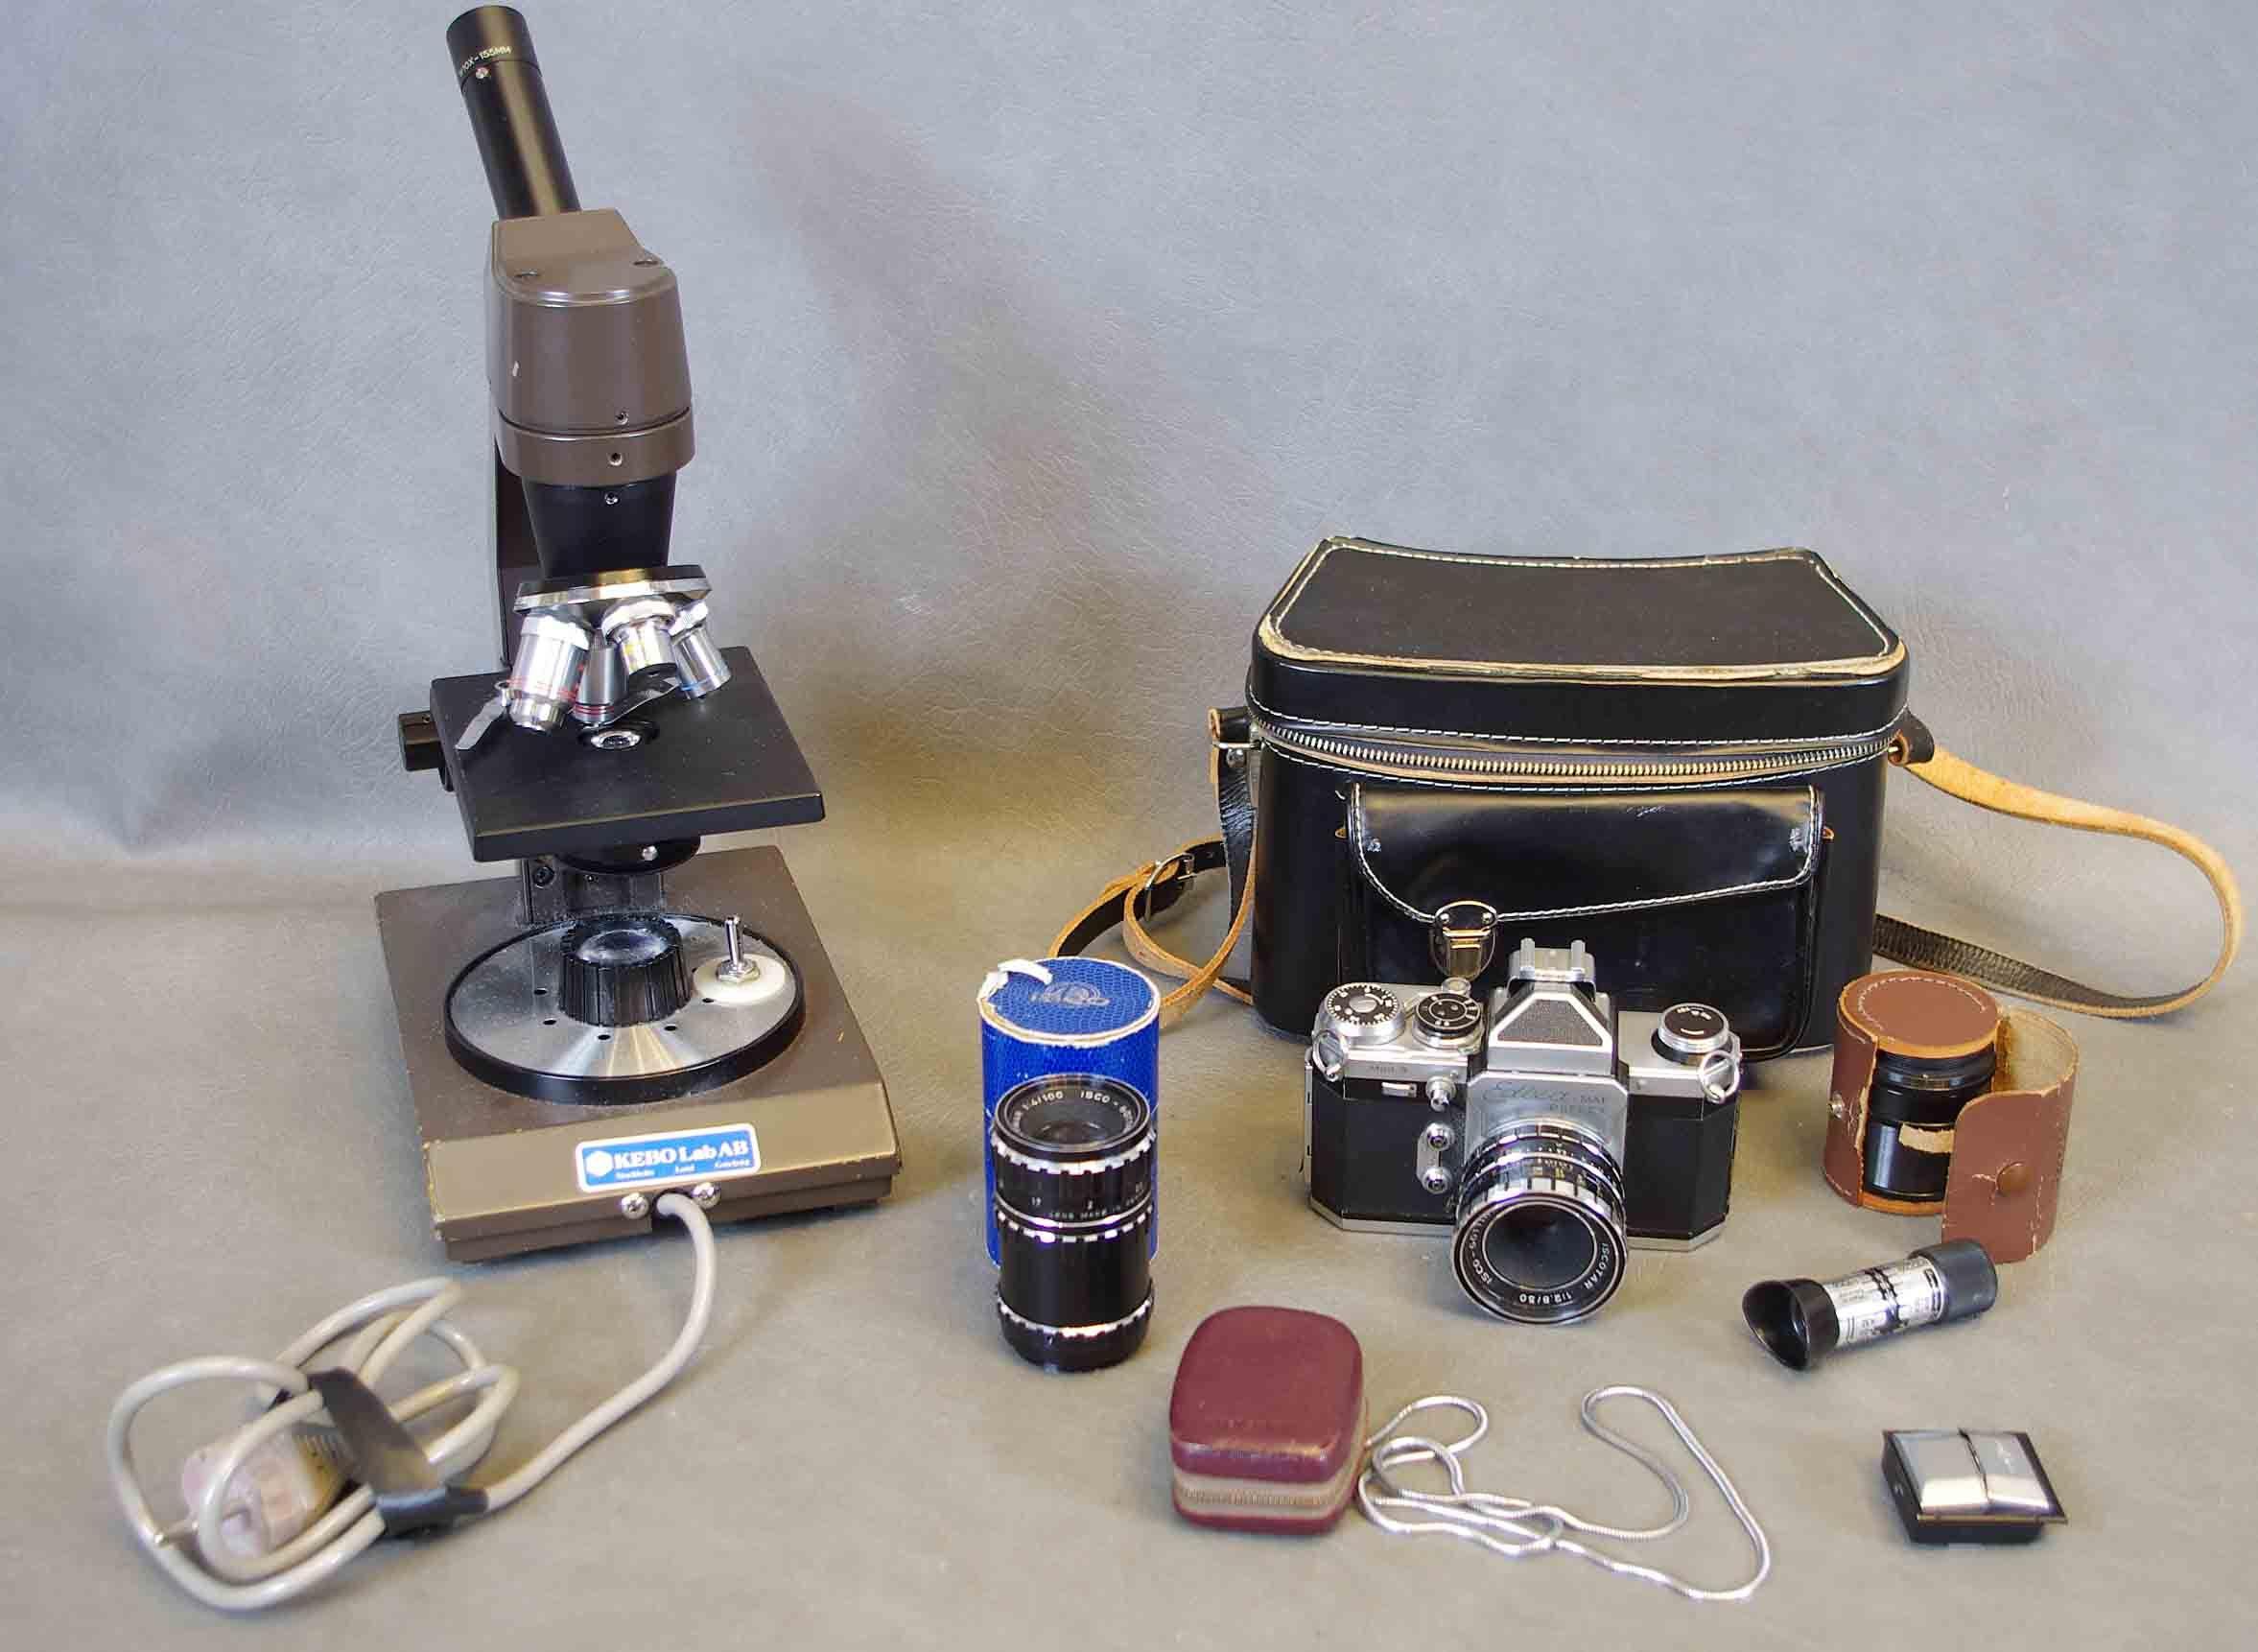 Mikroskop kamera med tillbehÖr. other modern consumer electronics